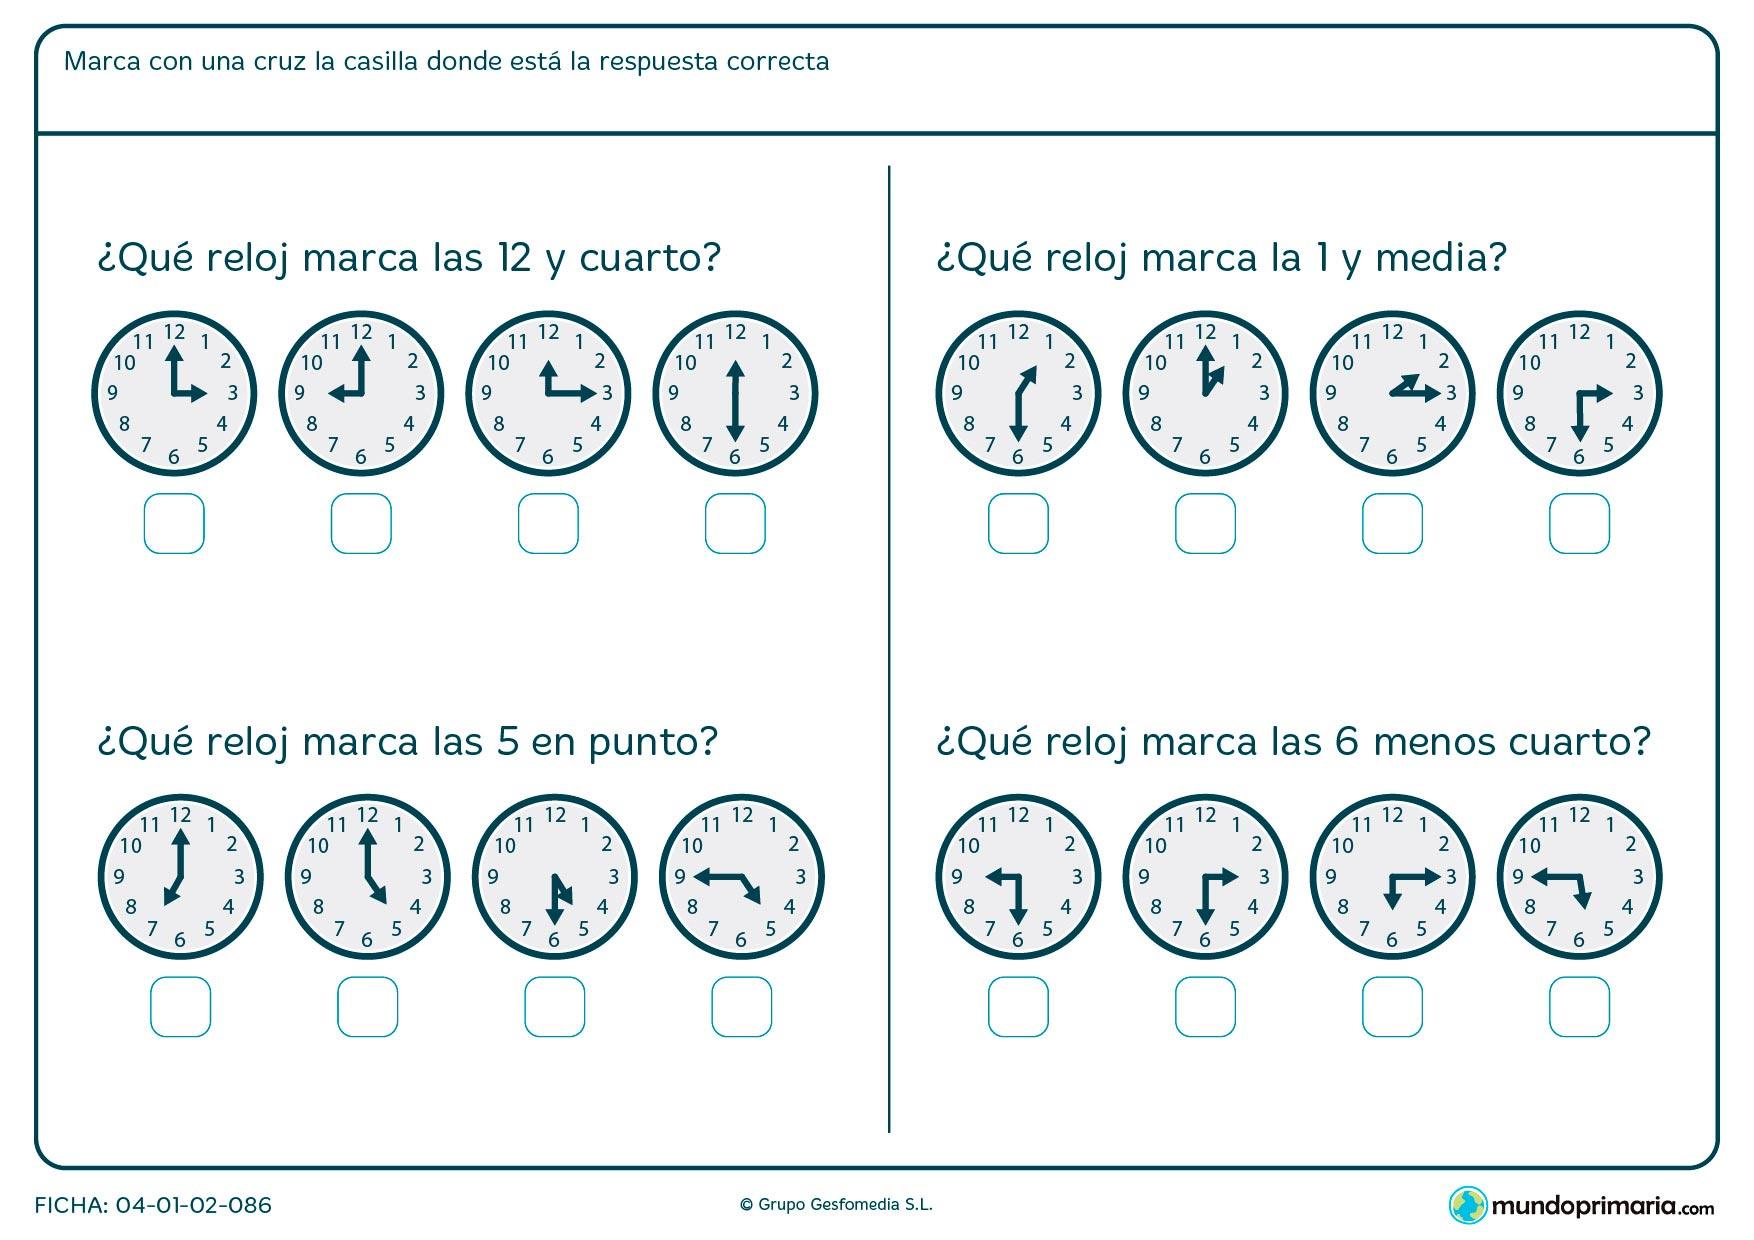 Ficha de horas y cuarto para señalar el reloj analógico que sea correcto.